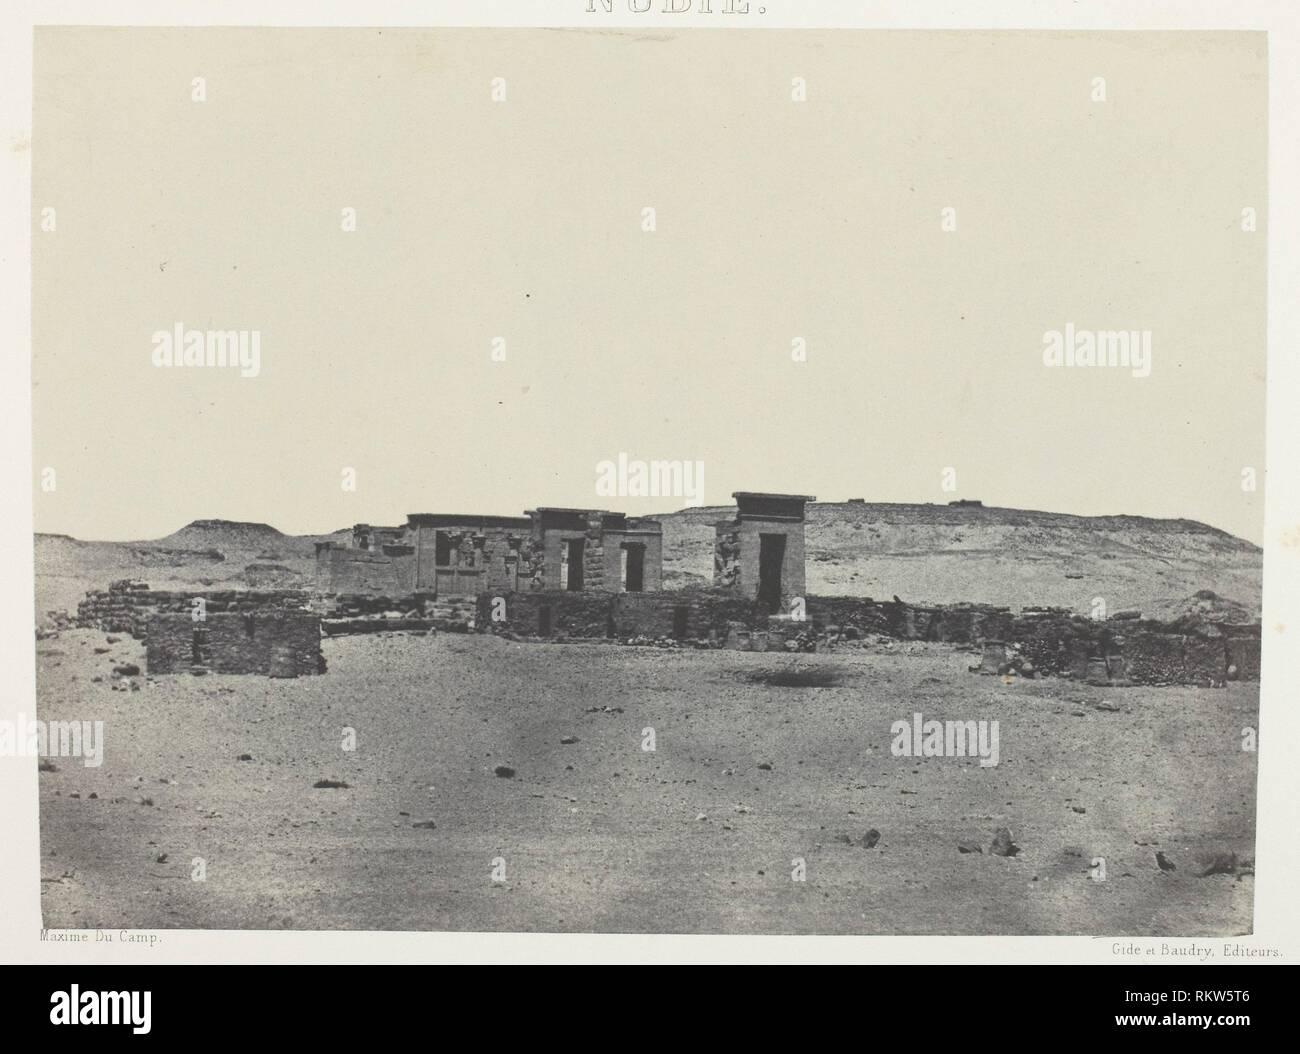 Temple et Village de Débôd, Parembole de l'Itinéraire d'Antonin; Nubie - 1849/51, printed 1852 - Maxime Du Camp French, 1822–1894 - Artist: Maxime Du - Stock Image